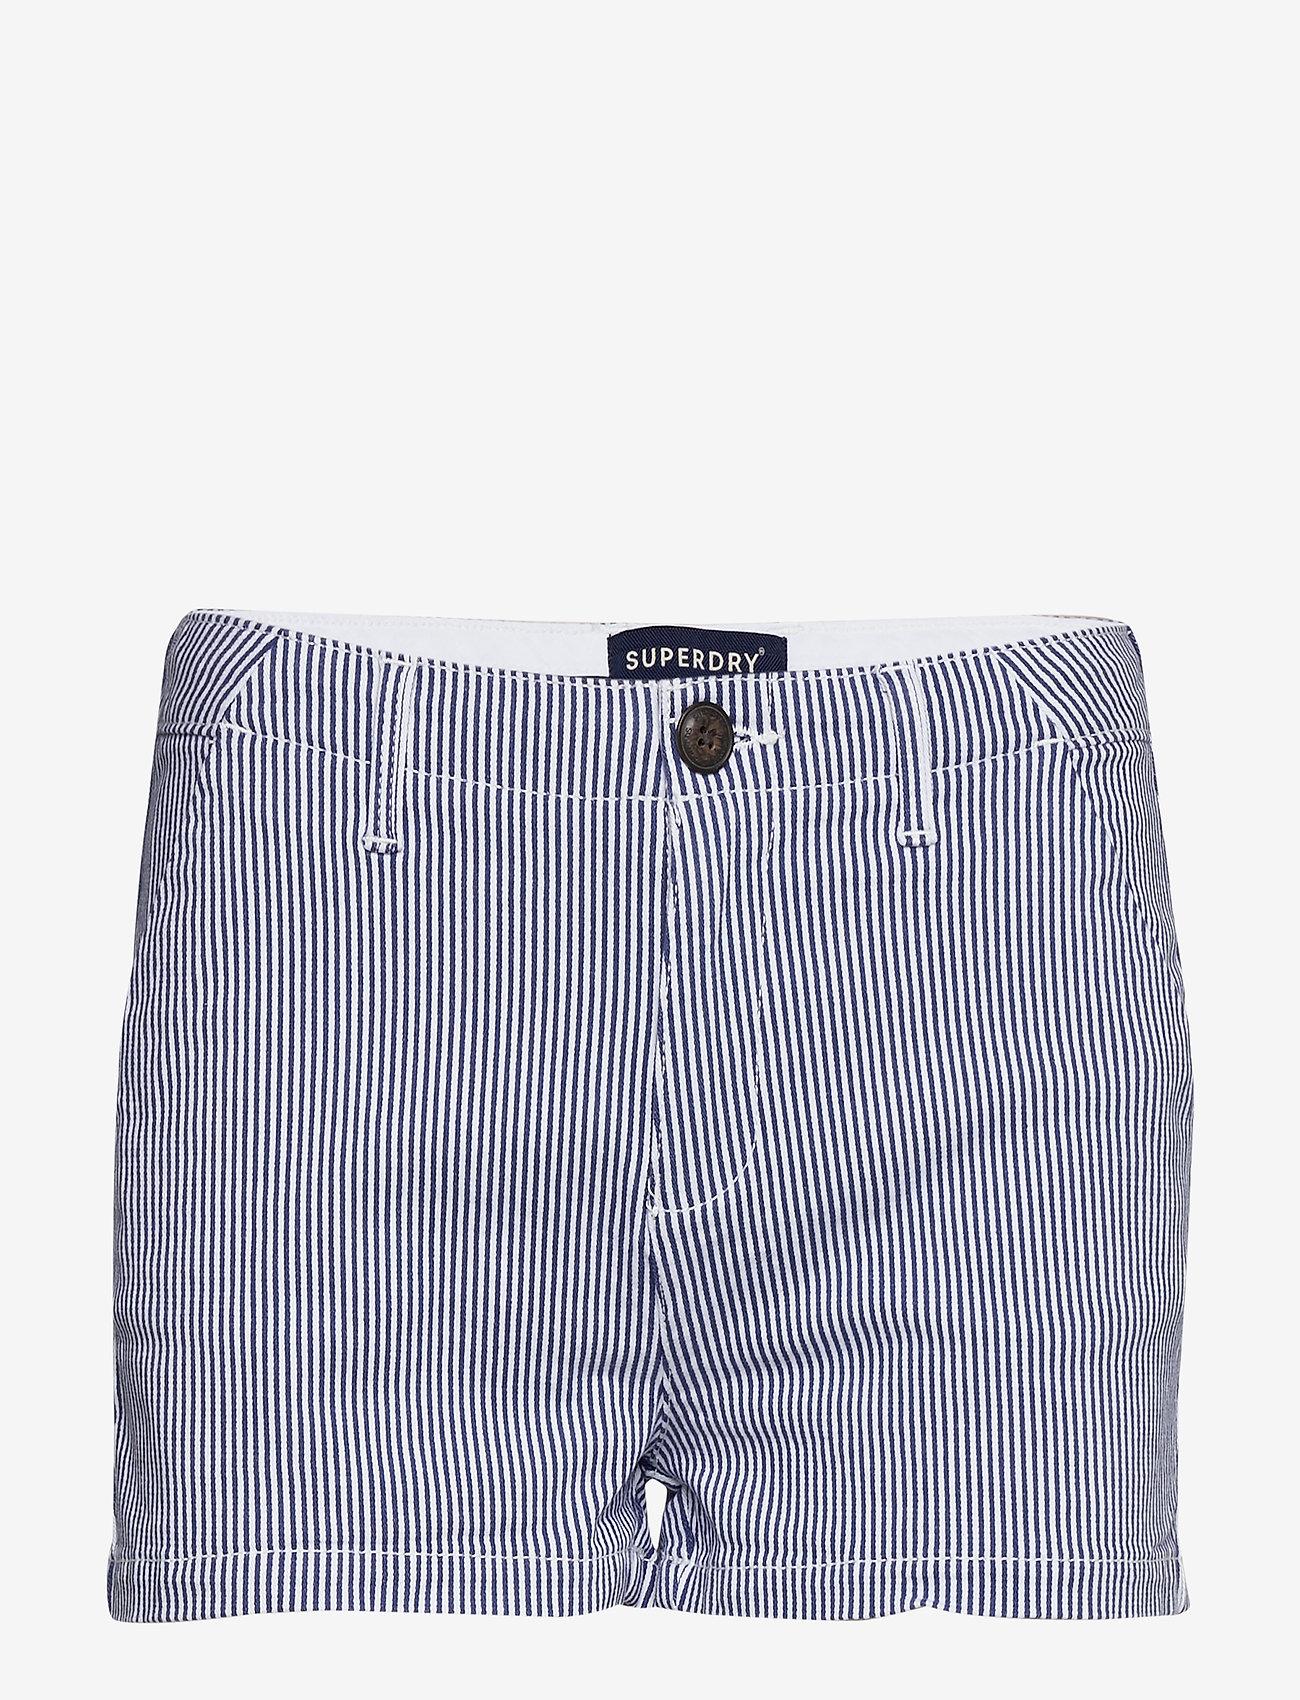 Superdry - CHINO HOT SHORT - casual shortsit - navy stripe - 0